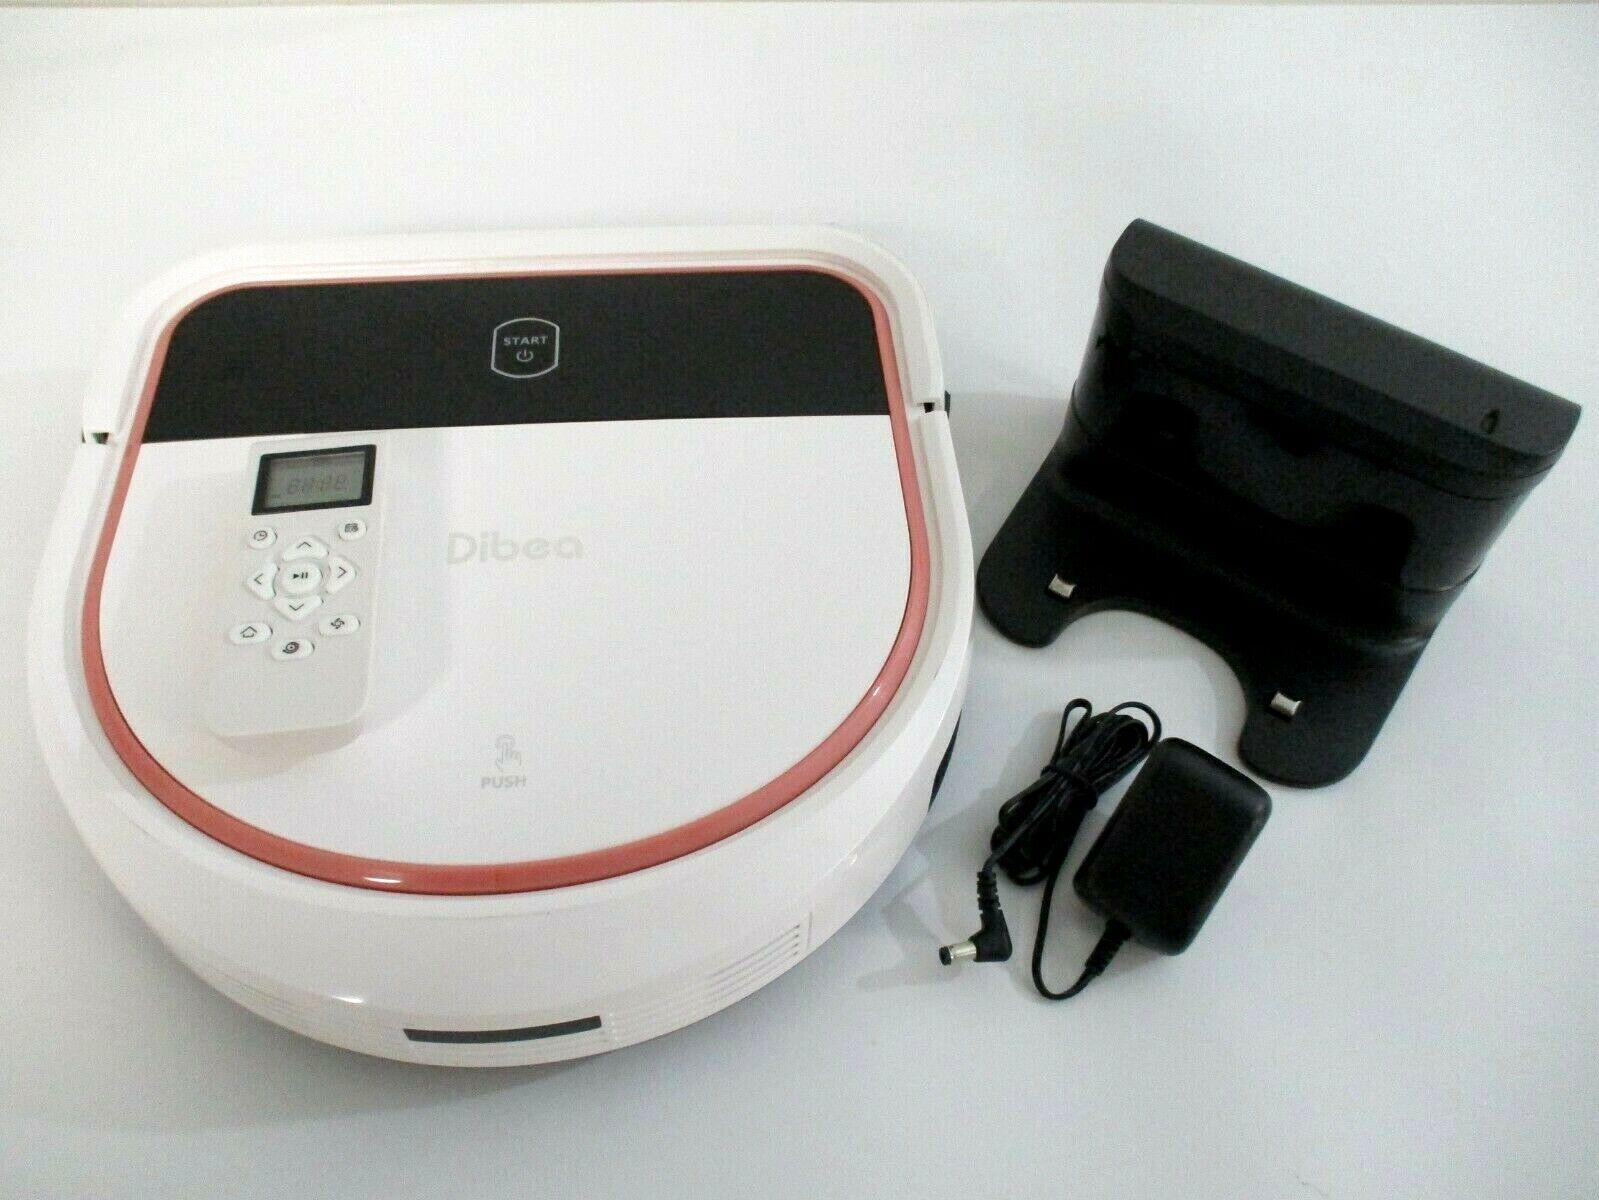 Dibea D-500 Pro D-Shape 2 in 1 Robotic Vacuum Cleaner